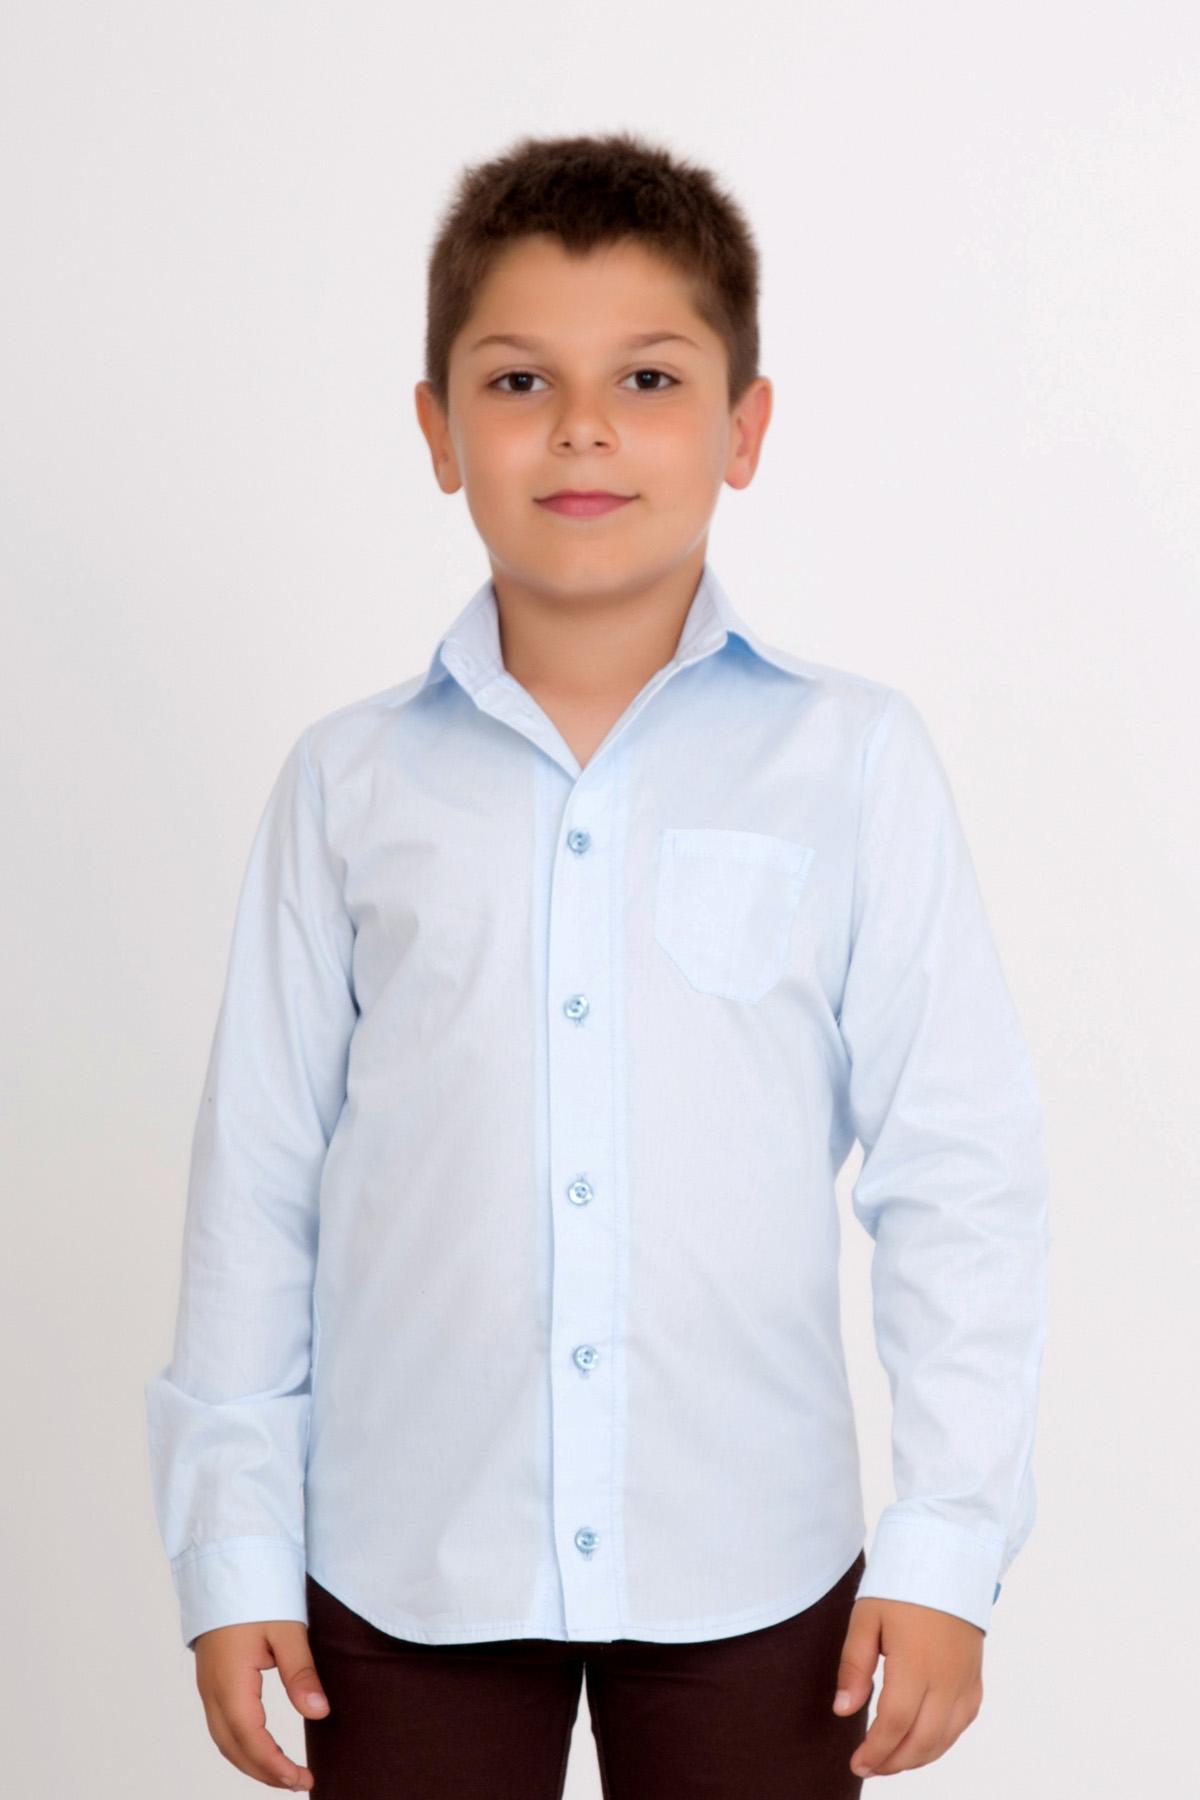 Дет. рубашка Ермак р. 34Толстовки, джемпера и рубашки<br><br><br>Тип: Дет. рубашка<br>Размер: 34<br>Материал: Перкаль